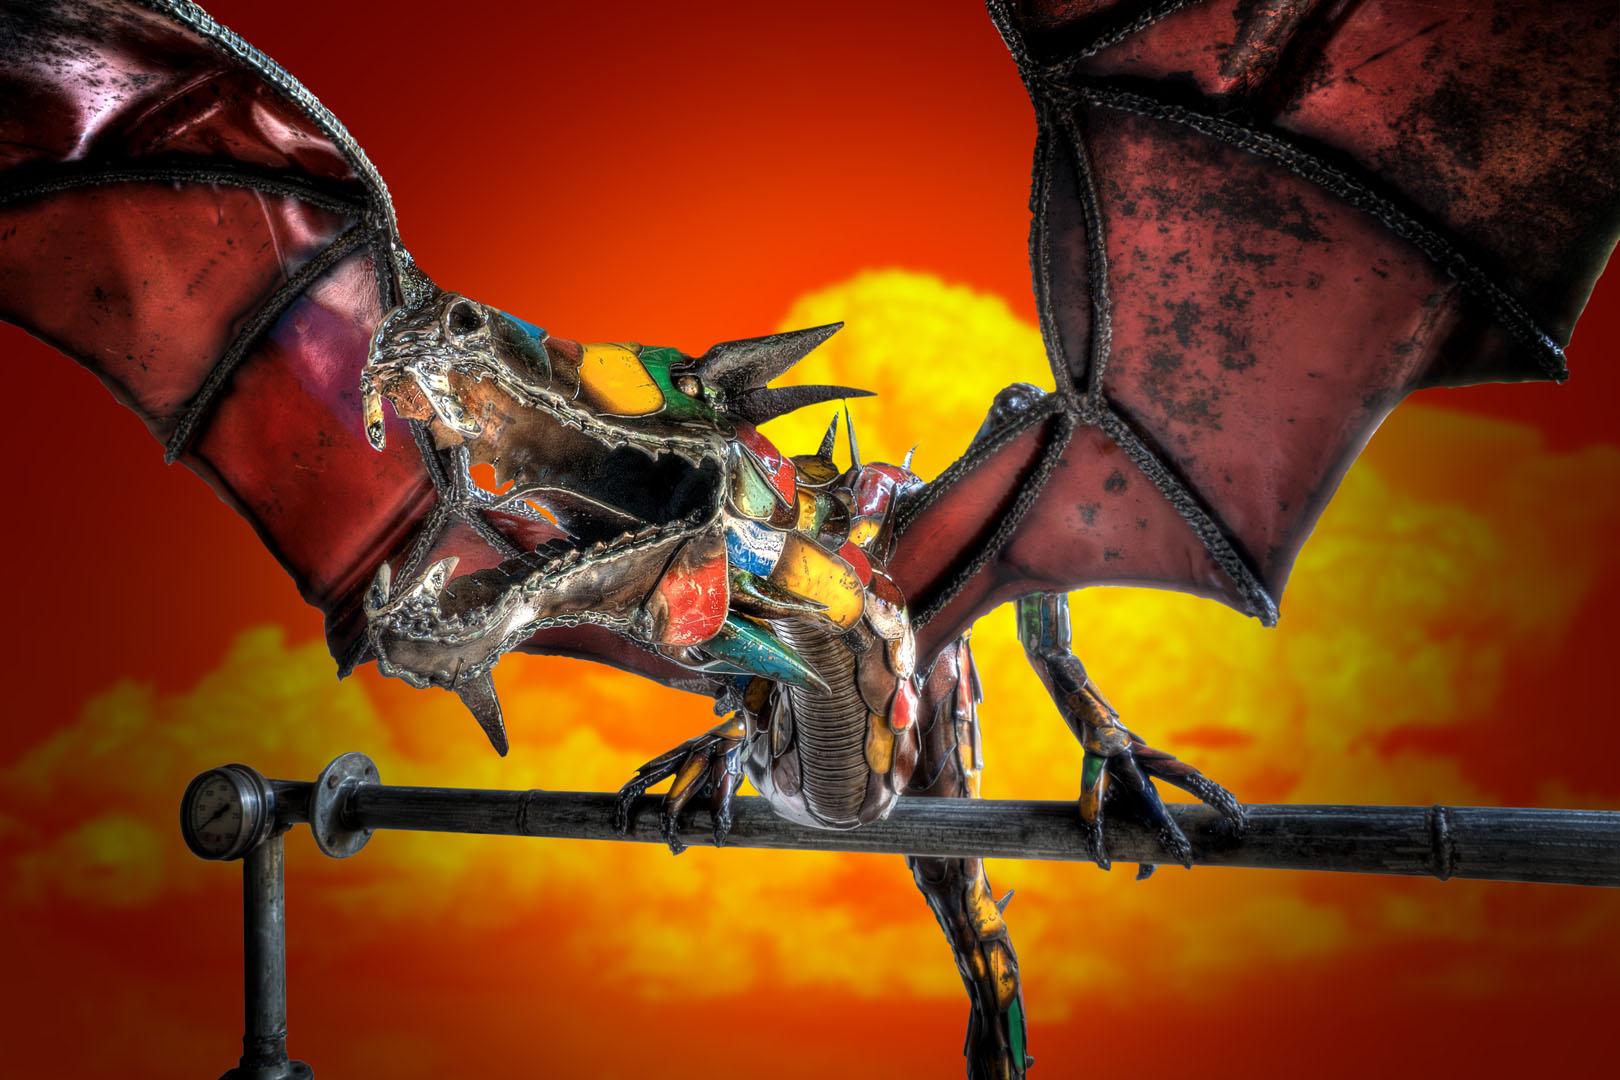 Dragon Intense